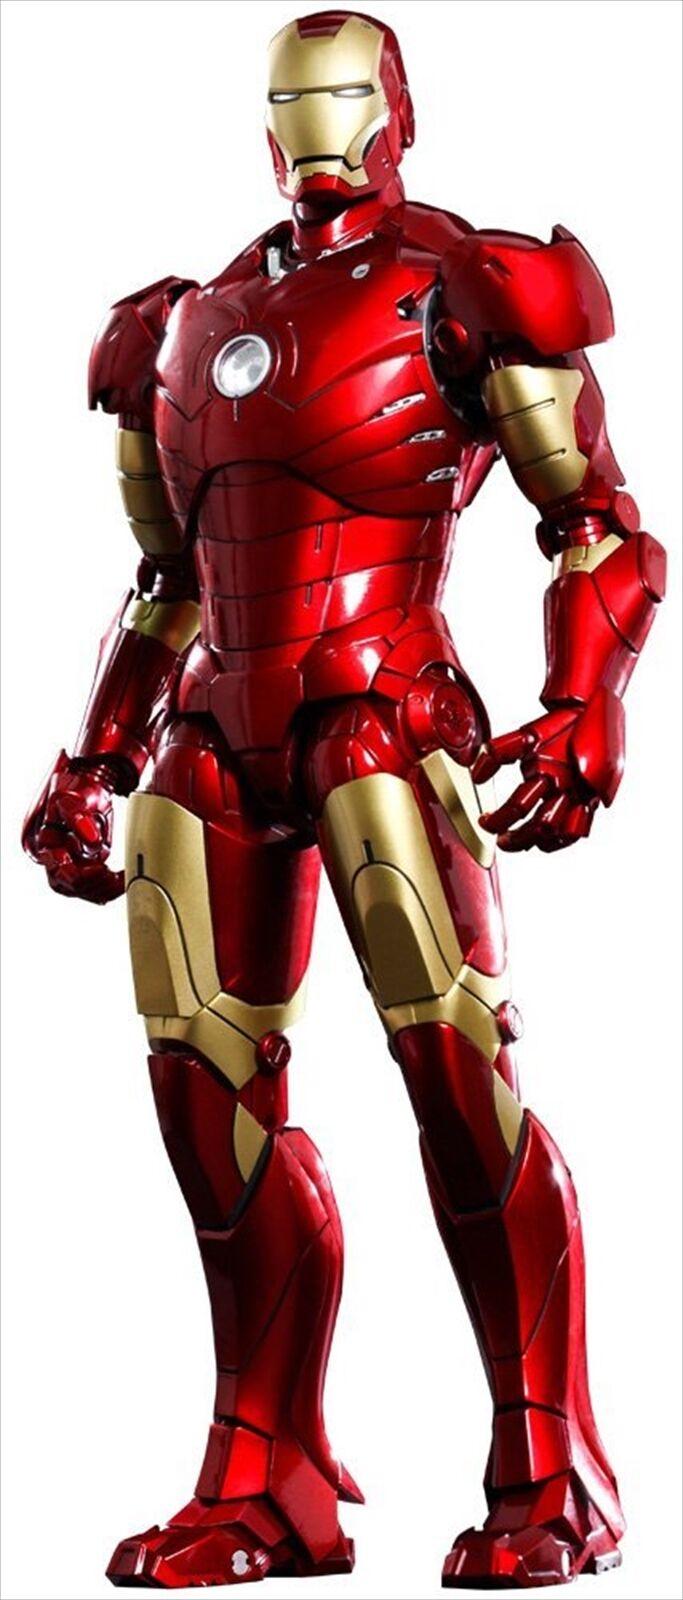 Hot Toys Movie Masterpiece DIECAST Iron Man Mark 3 III 1 6 Action Figure